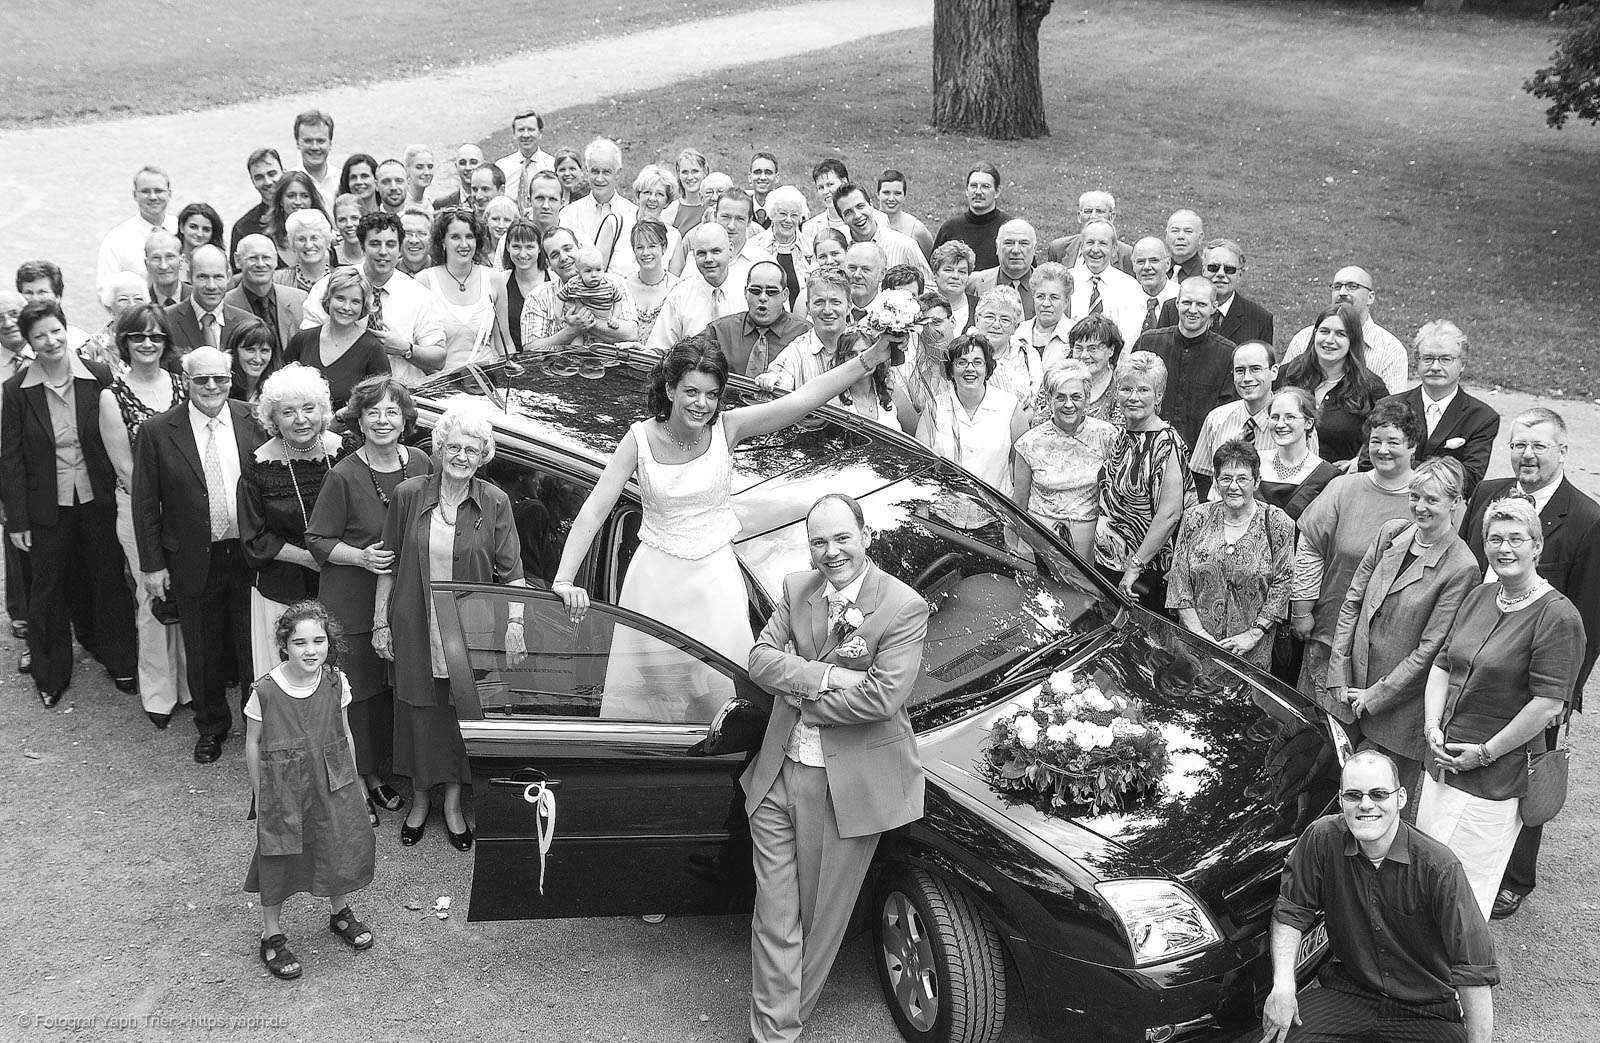 Hochzeitsfotos und Foto mit Gästen von Mireille-Marco bei Fotograf für Hochzeit Trier - Yaph